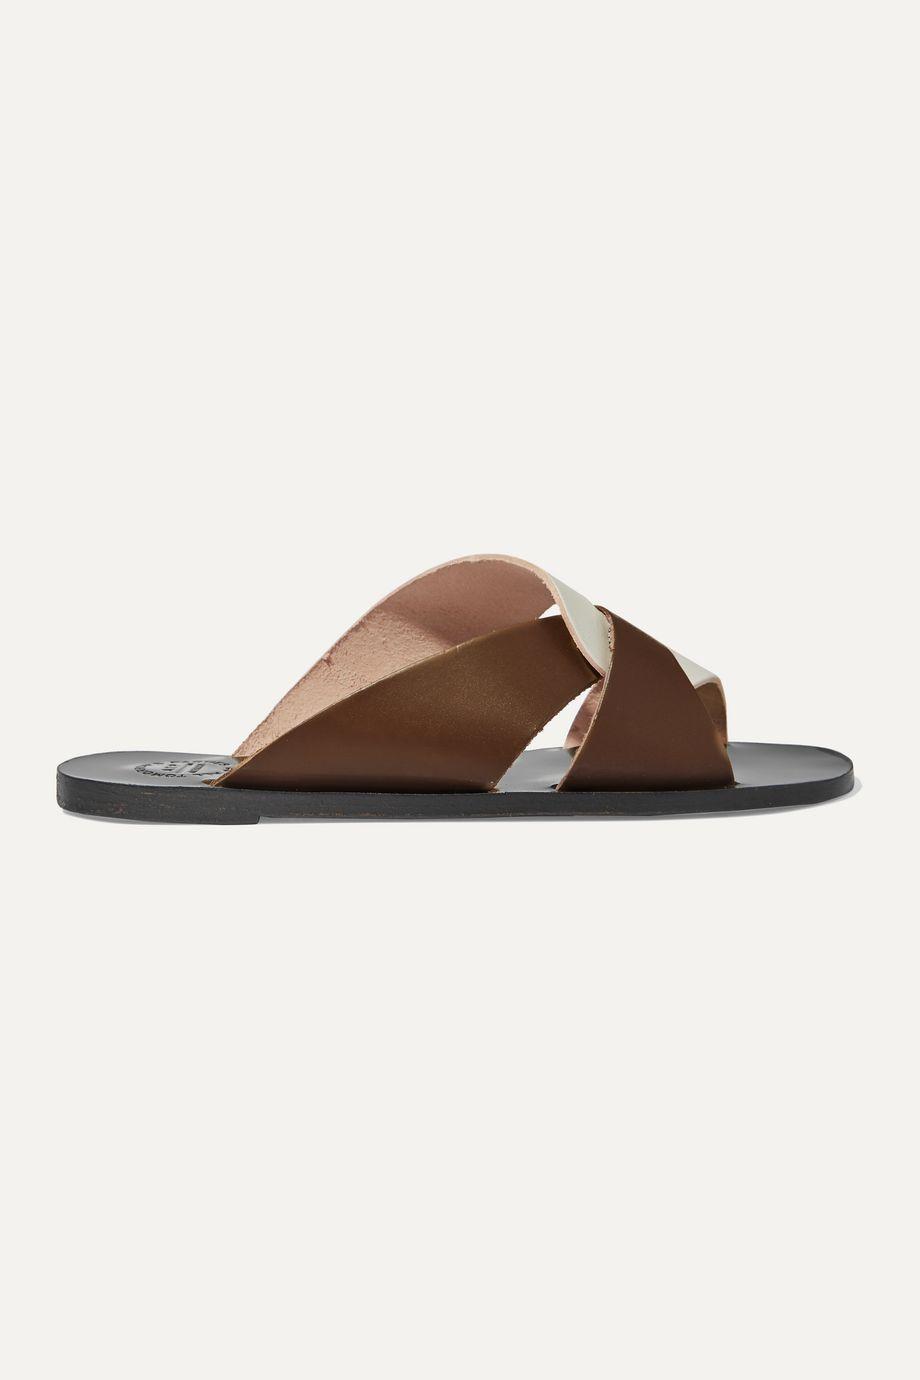 ATP Atelier Allai two-tone leather slides